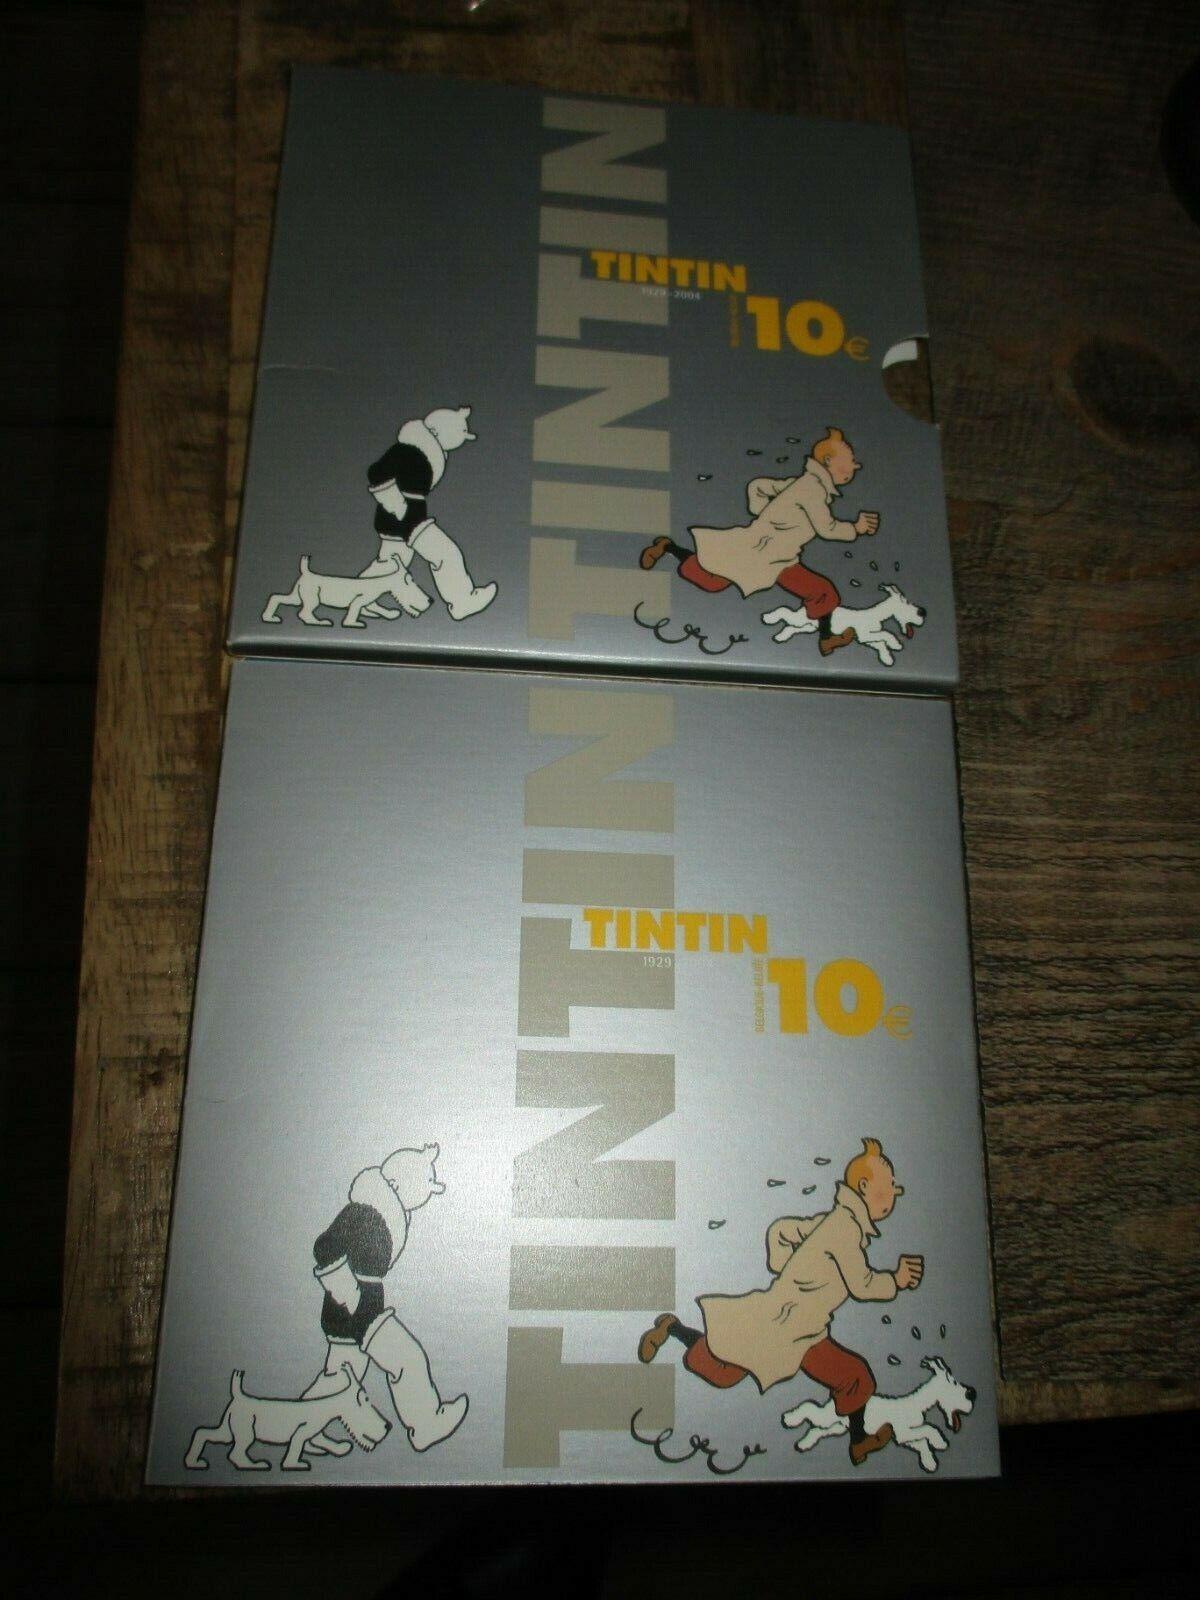 Tintin&Hergé-Coffret collector pièce en Silber(10EU) -Limité&Numéroté